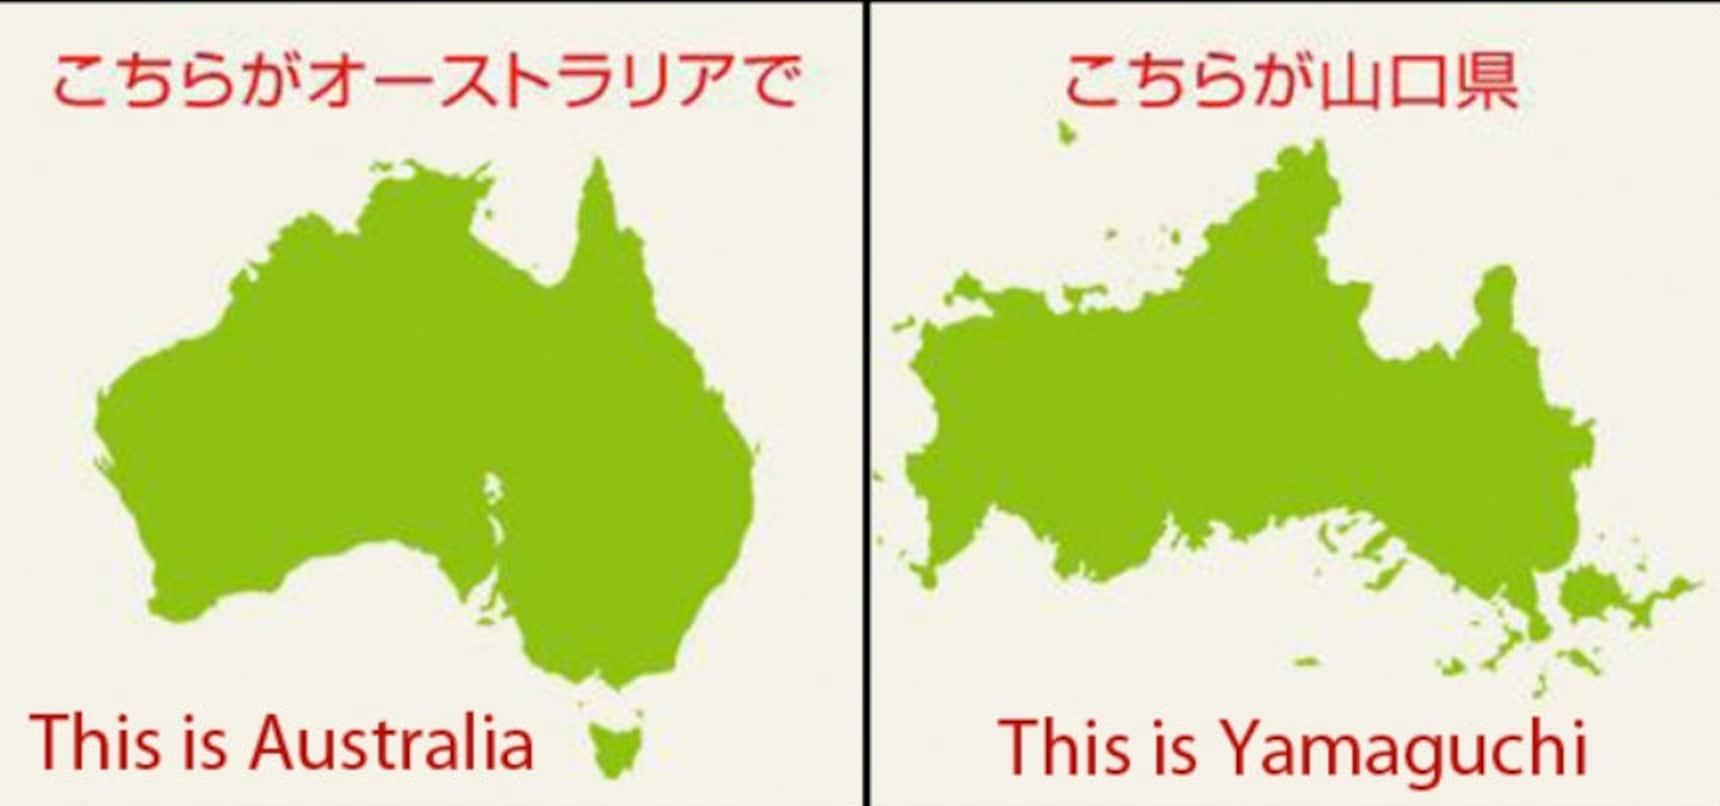 Yamaguchi—The New Australia?